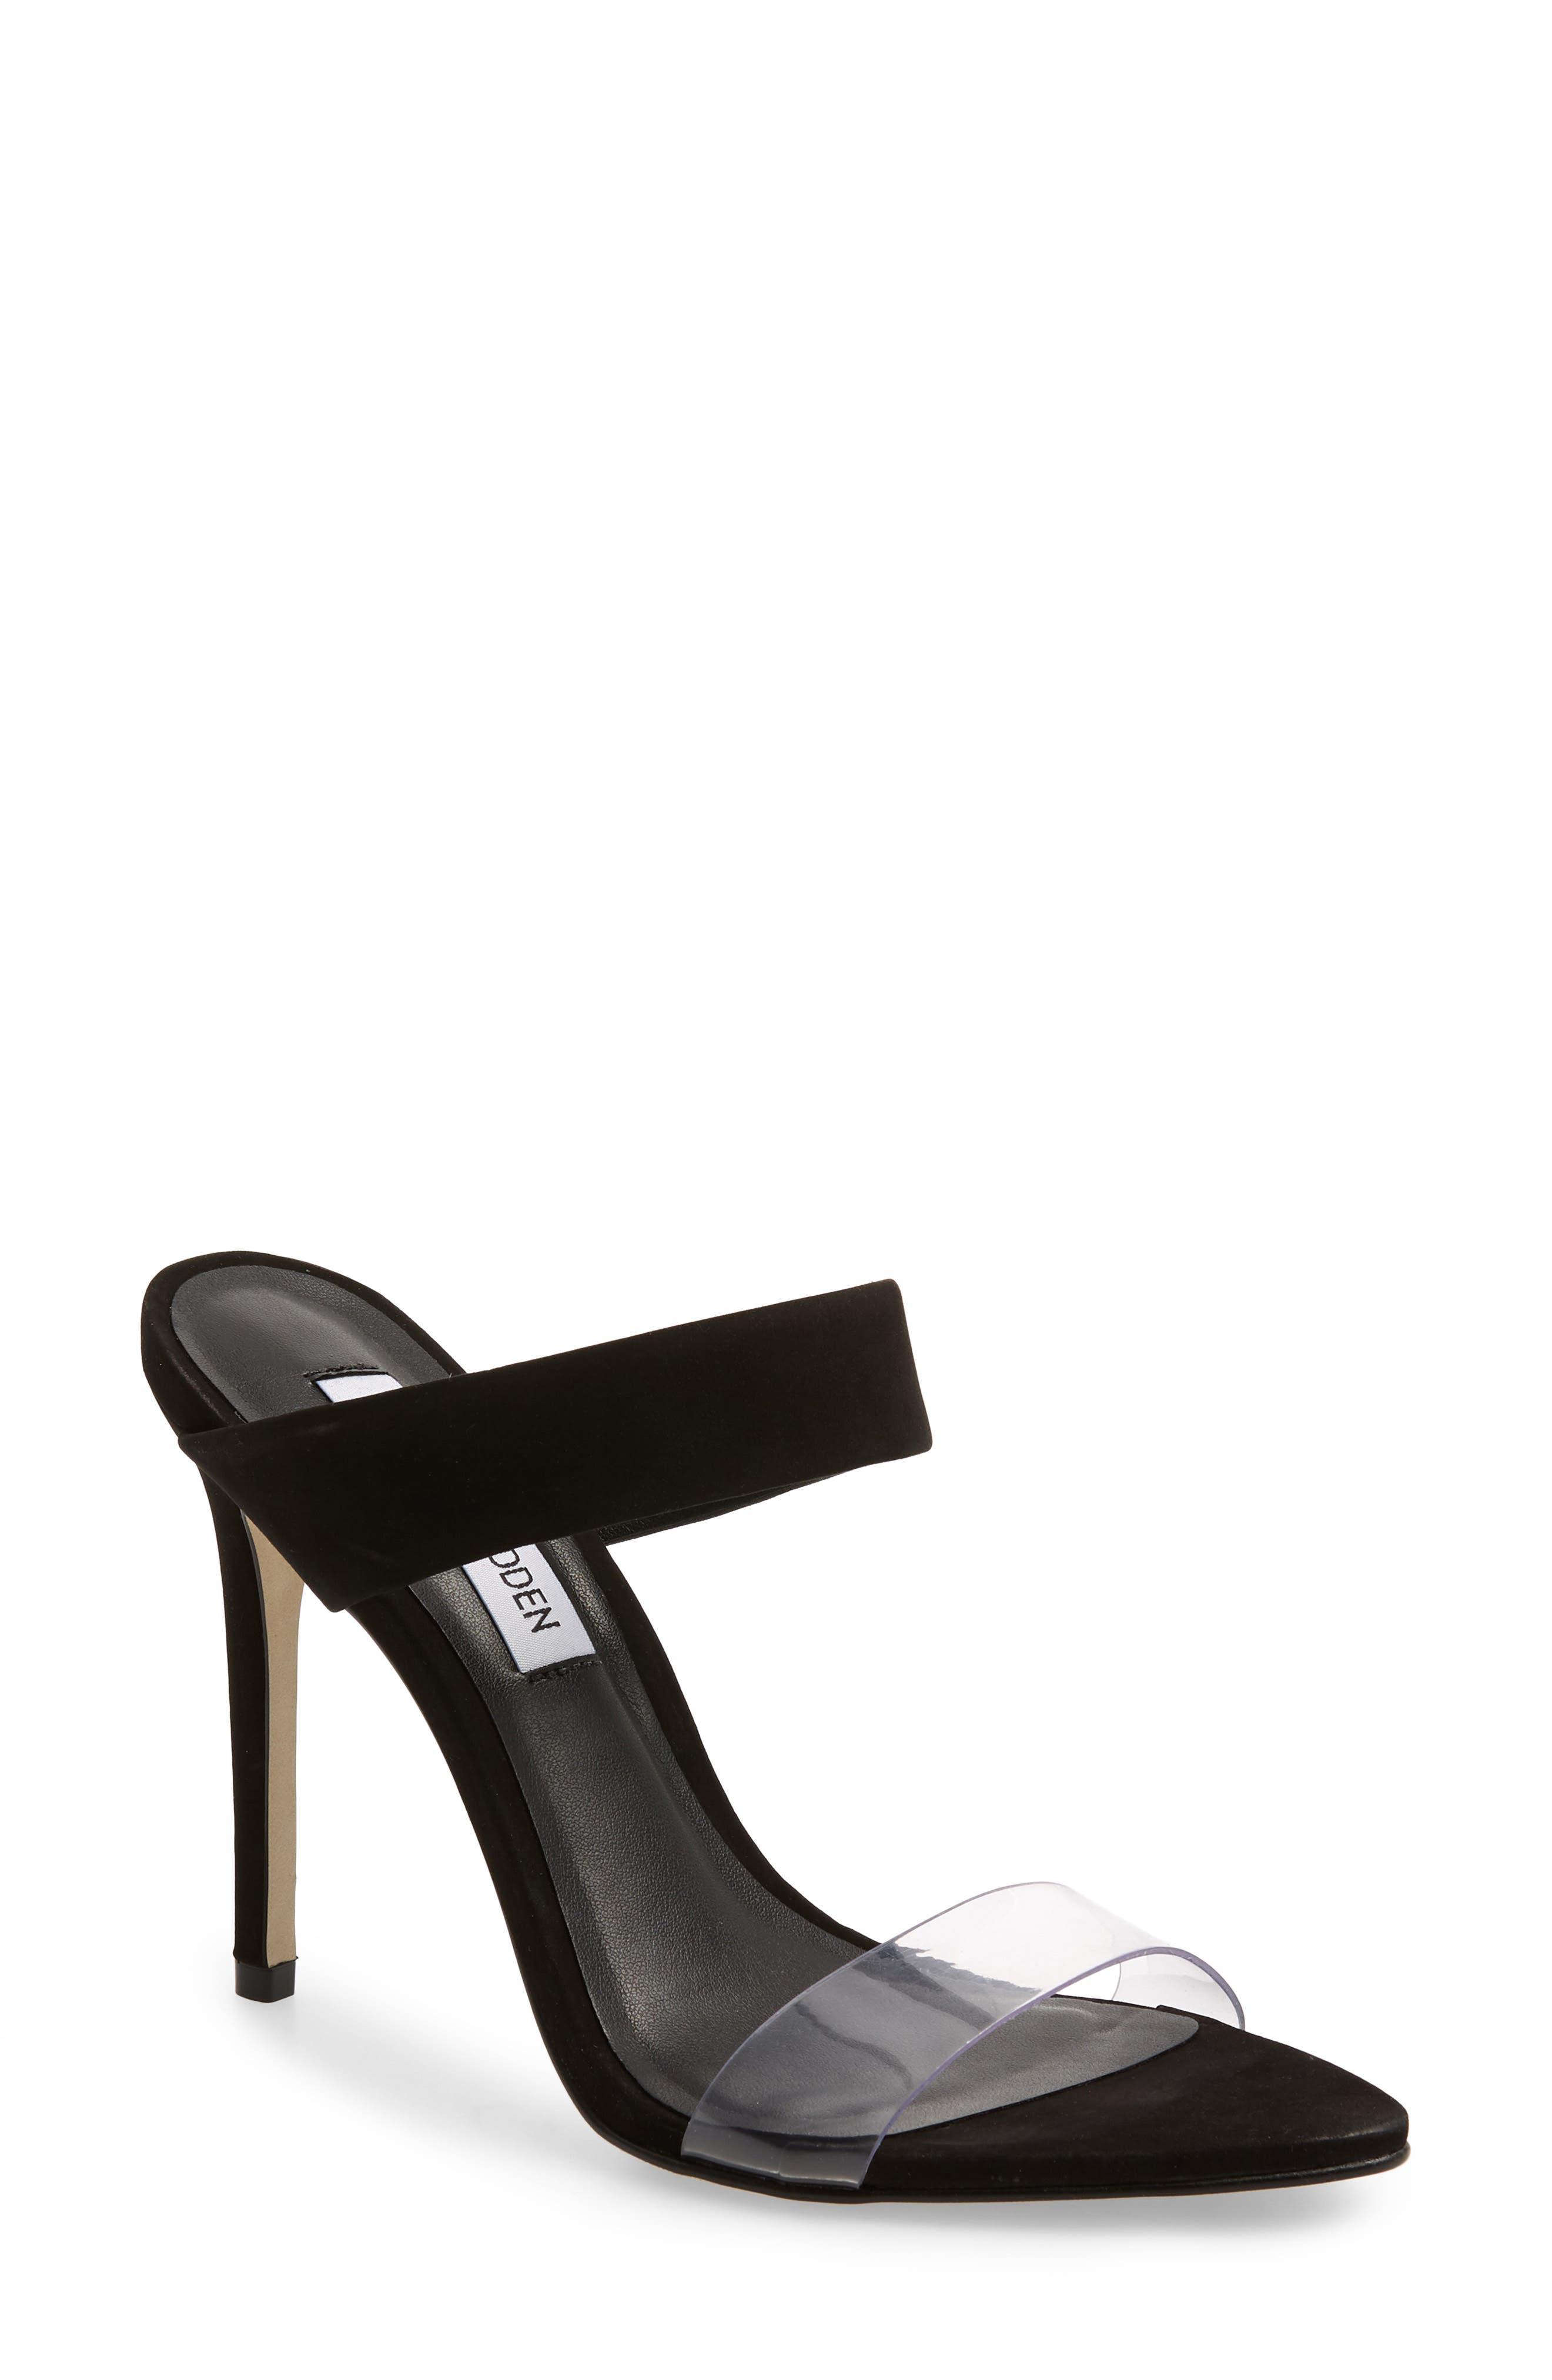 Amaya Clear Slide Sandal,                         Main,                         color, BLACK NUBUCK LEATHER